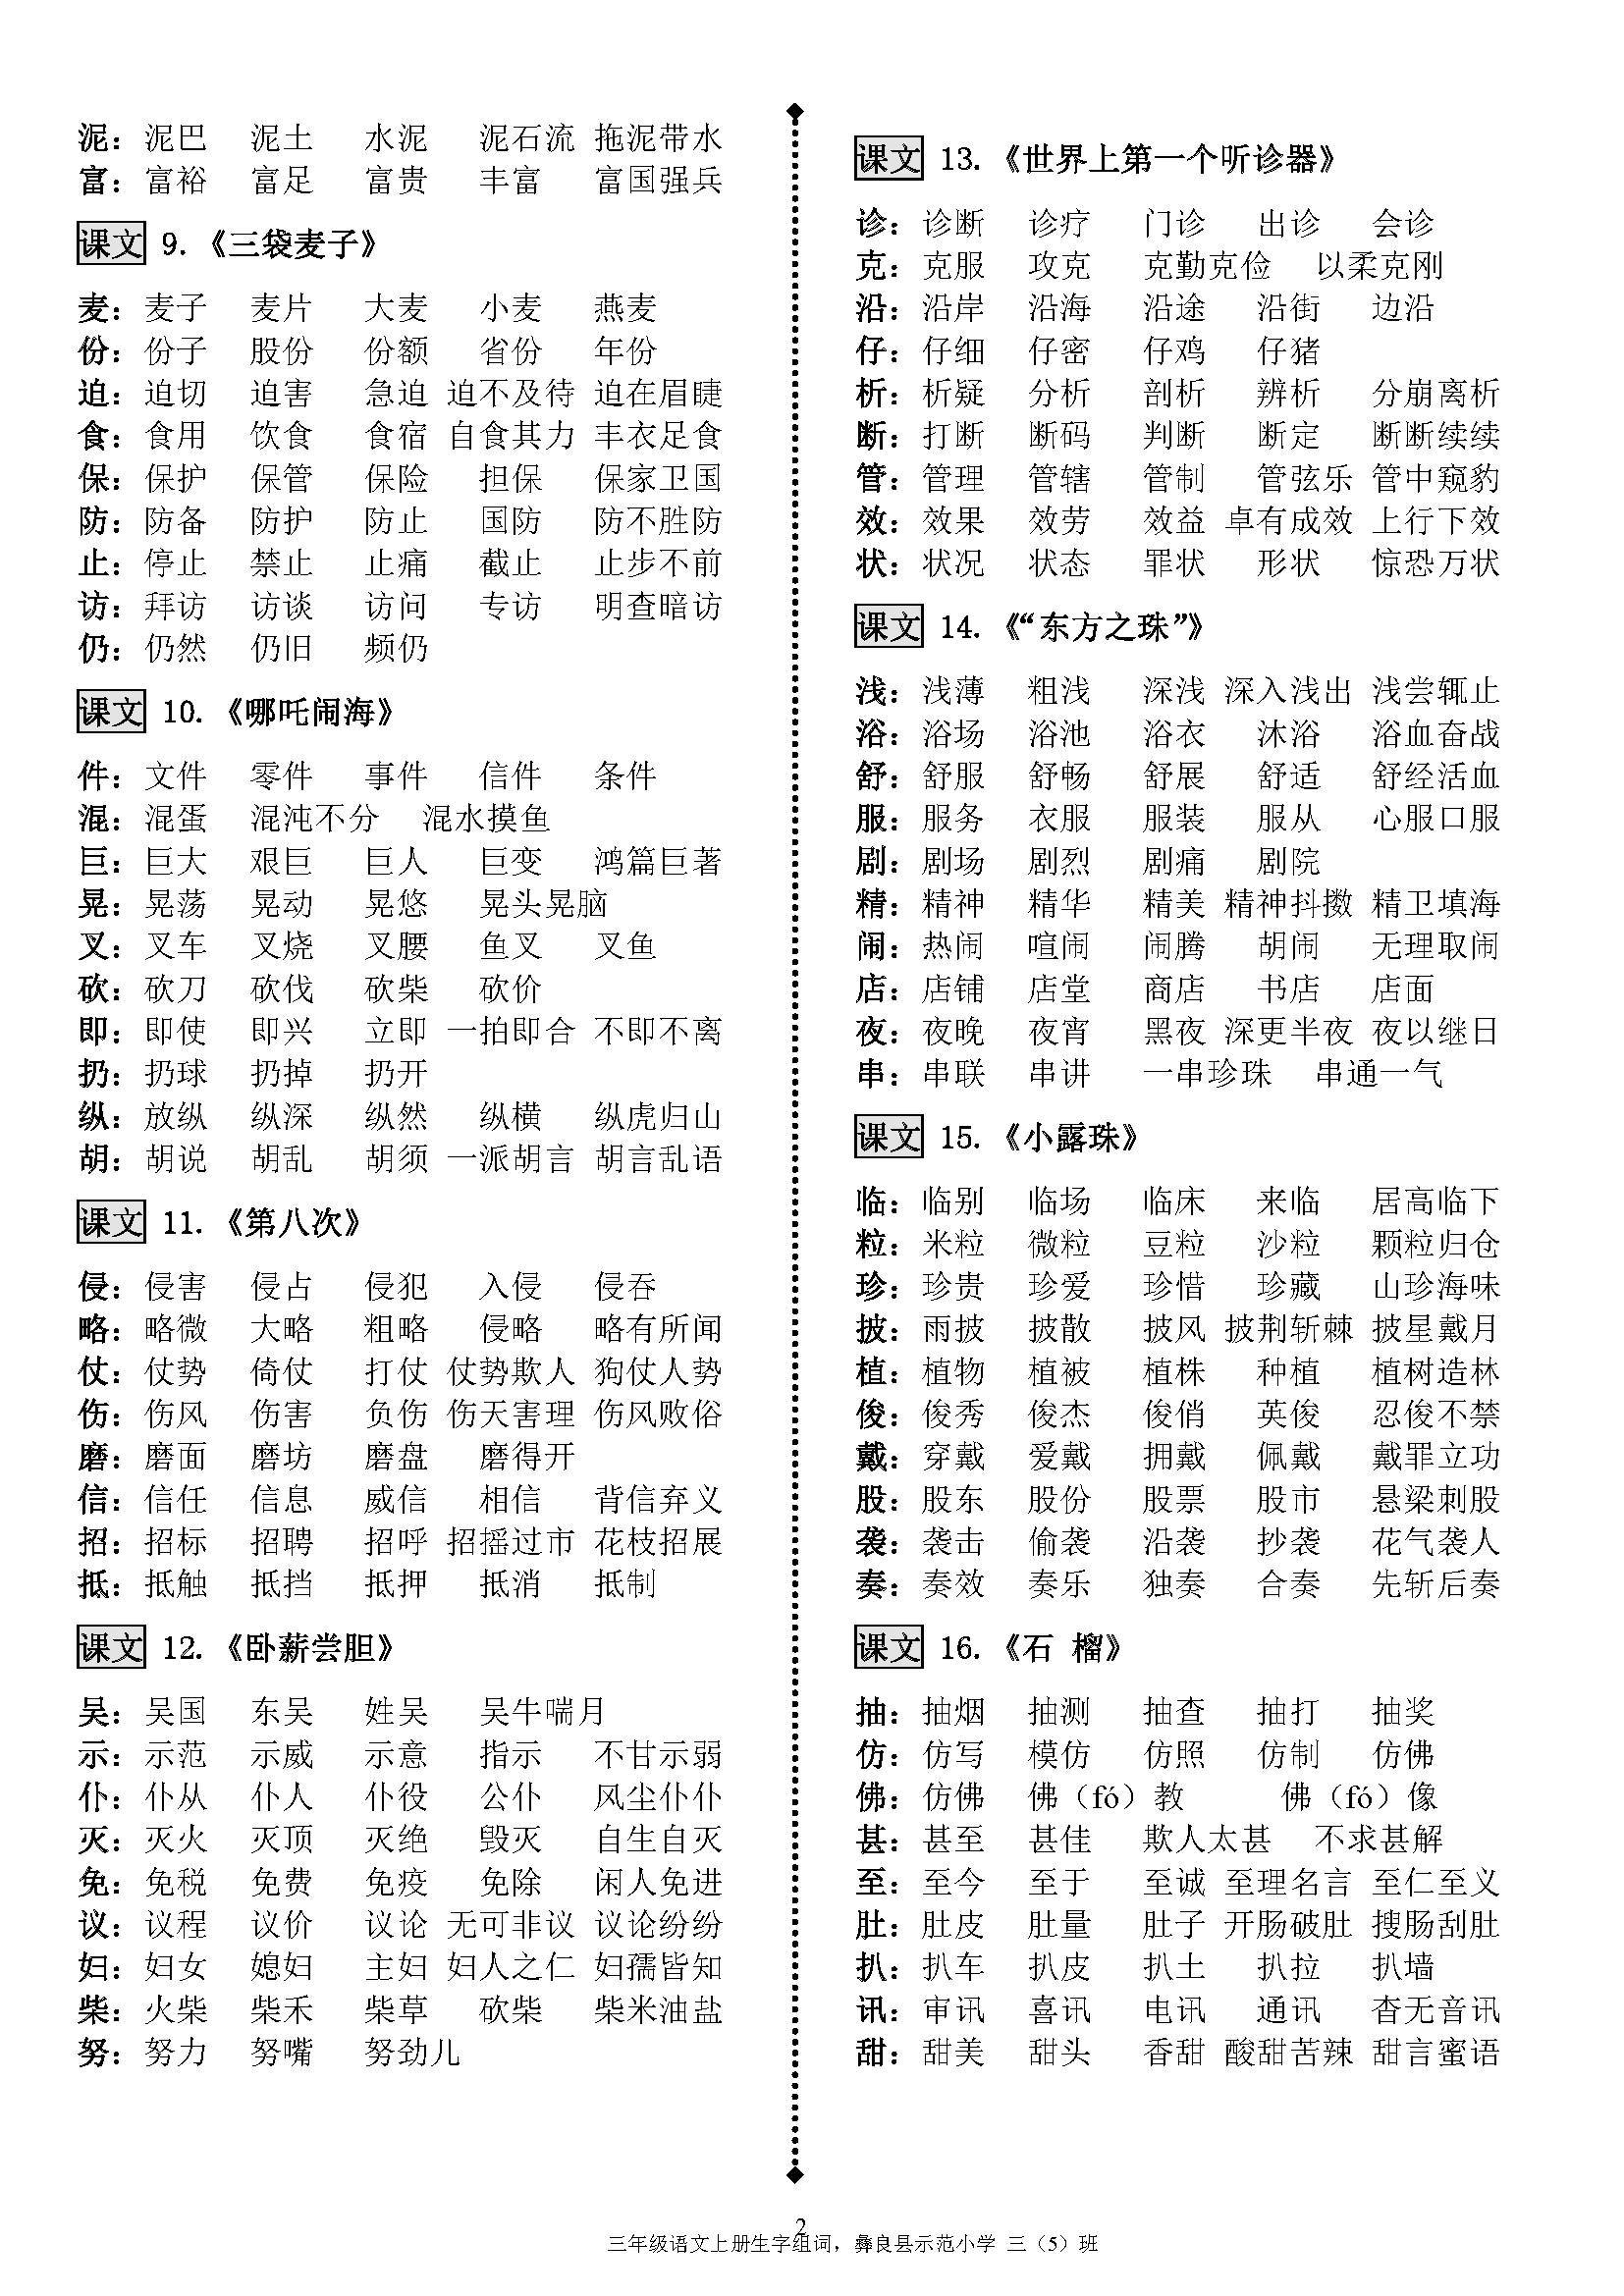 苏教版生字三语文上册年级以及组词初中部天津二中官网图片